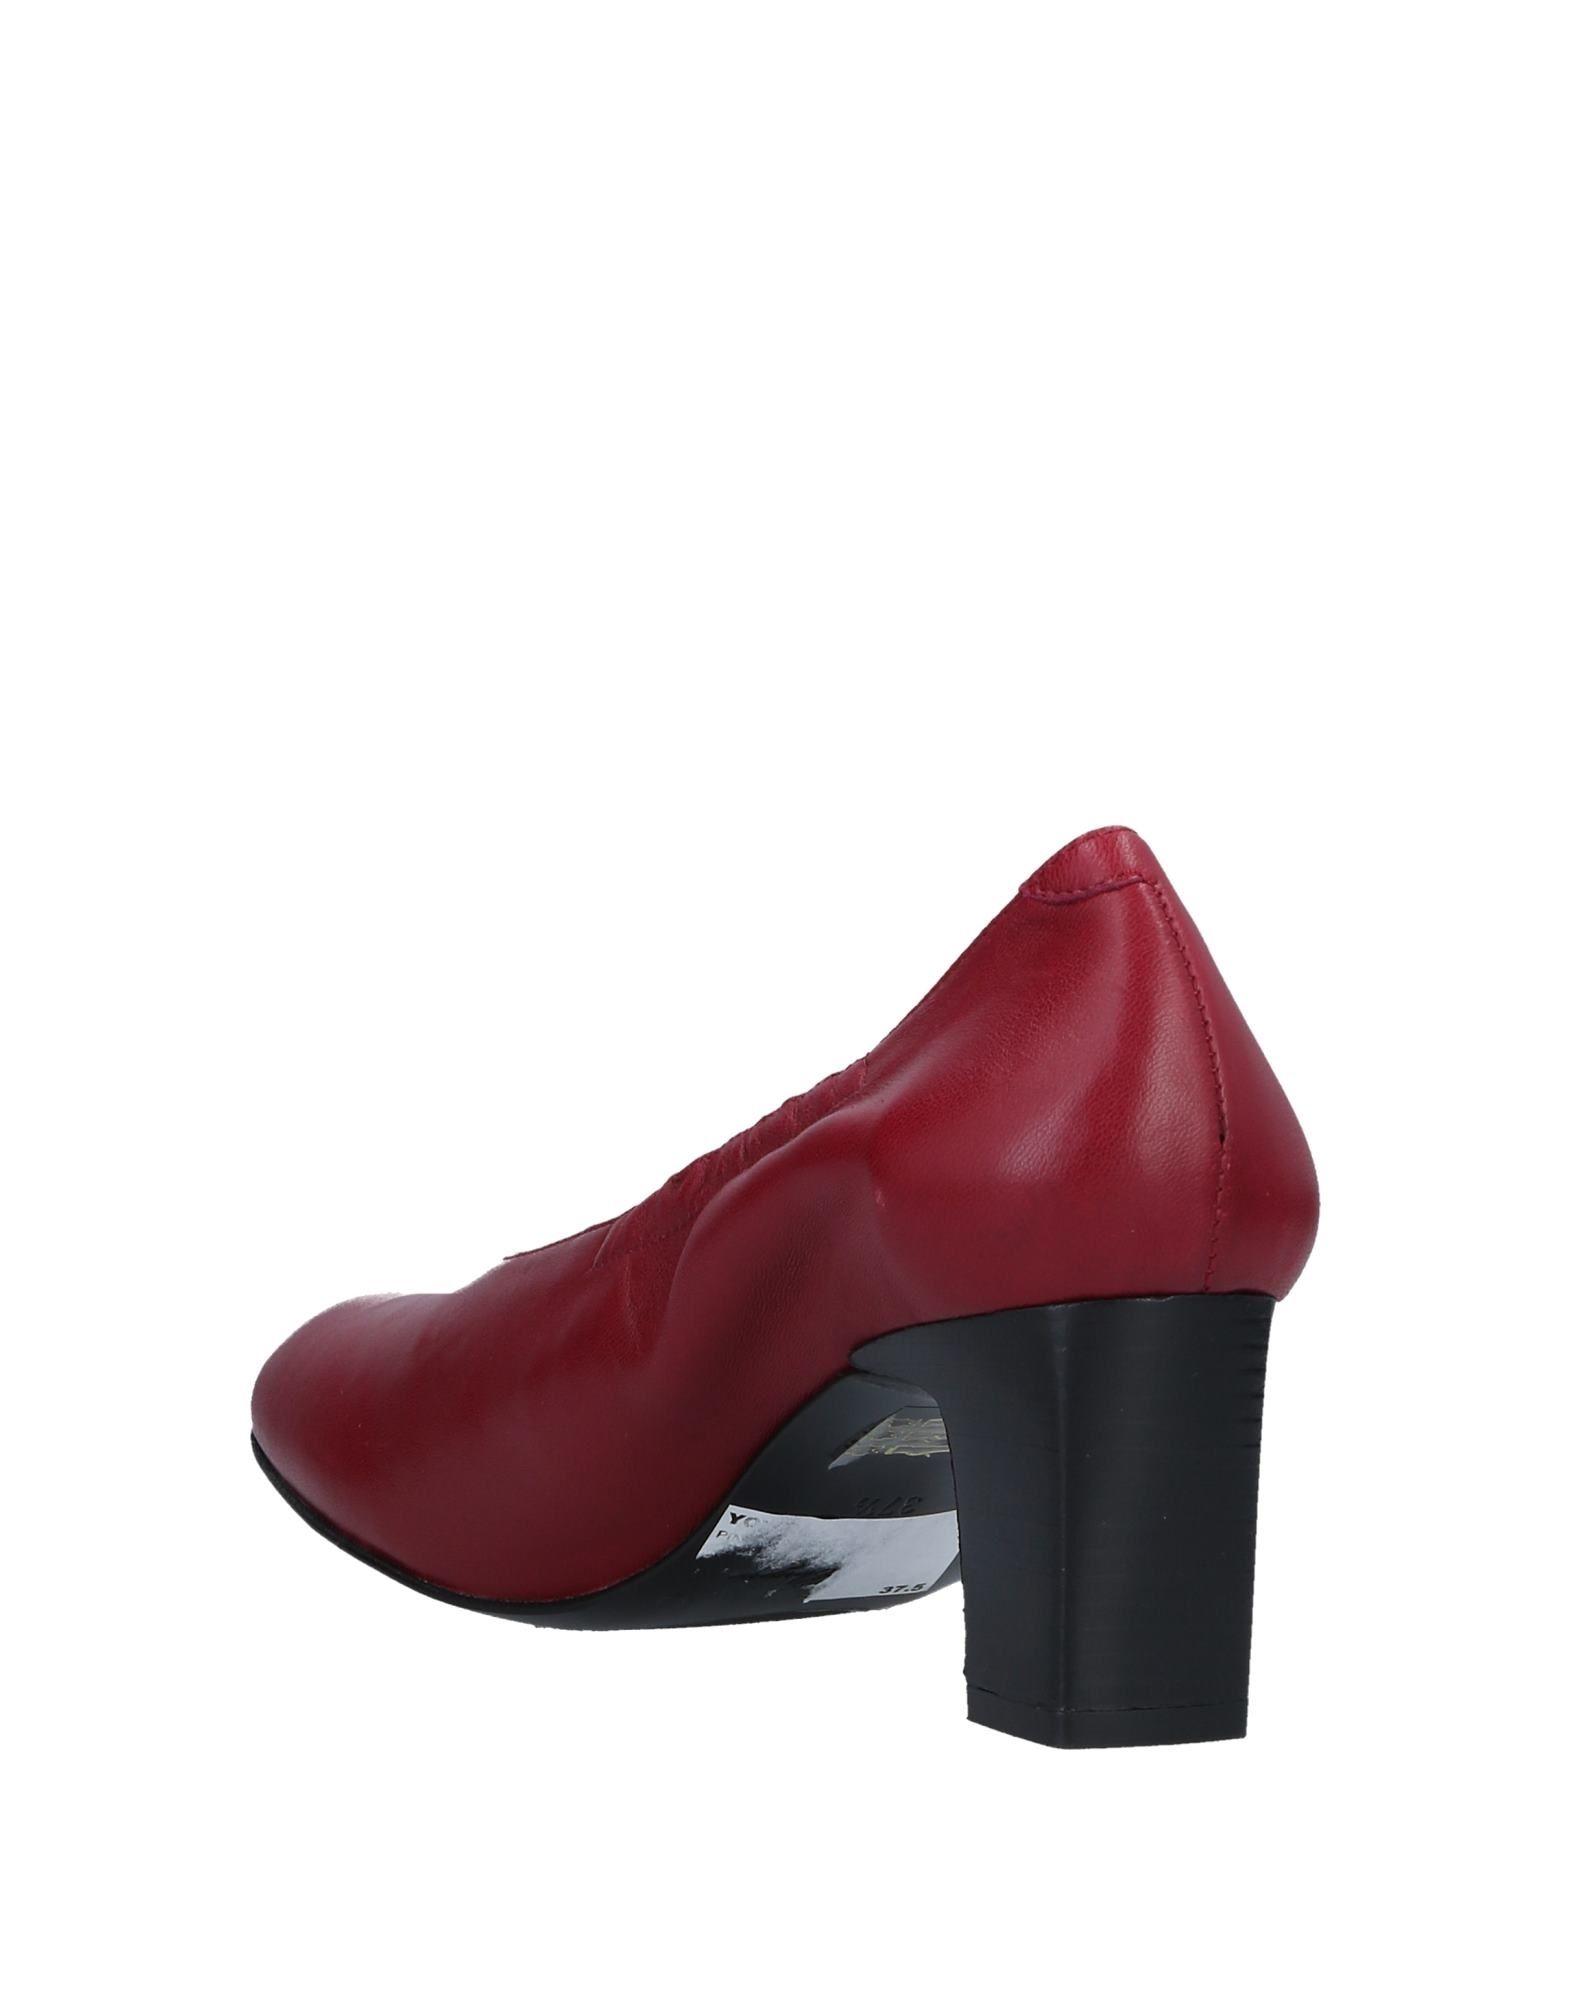 Rabatt Schuhe Robert Clergerie  Pumps Damen  Clergerie 11535238XR 812d6b